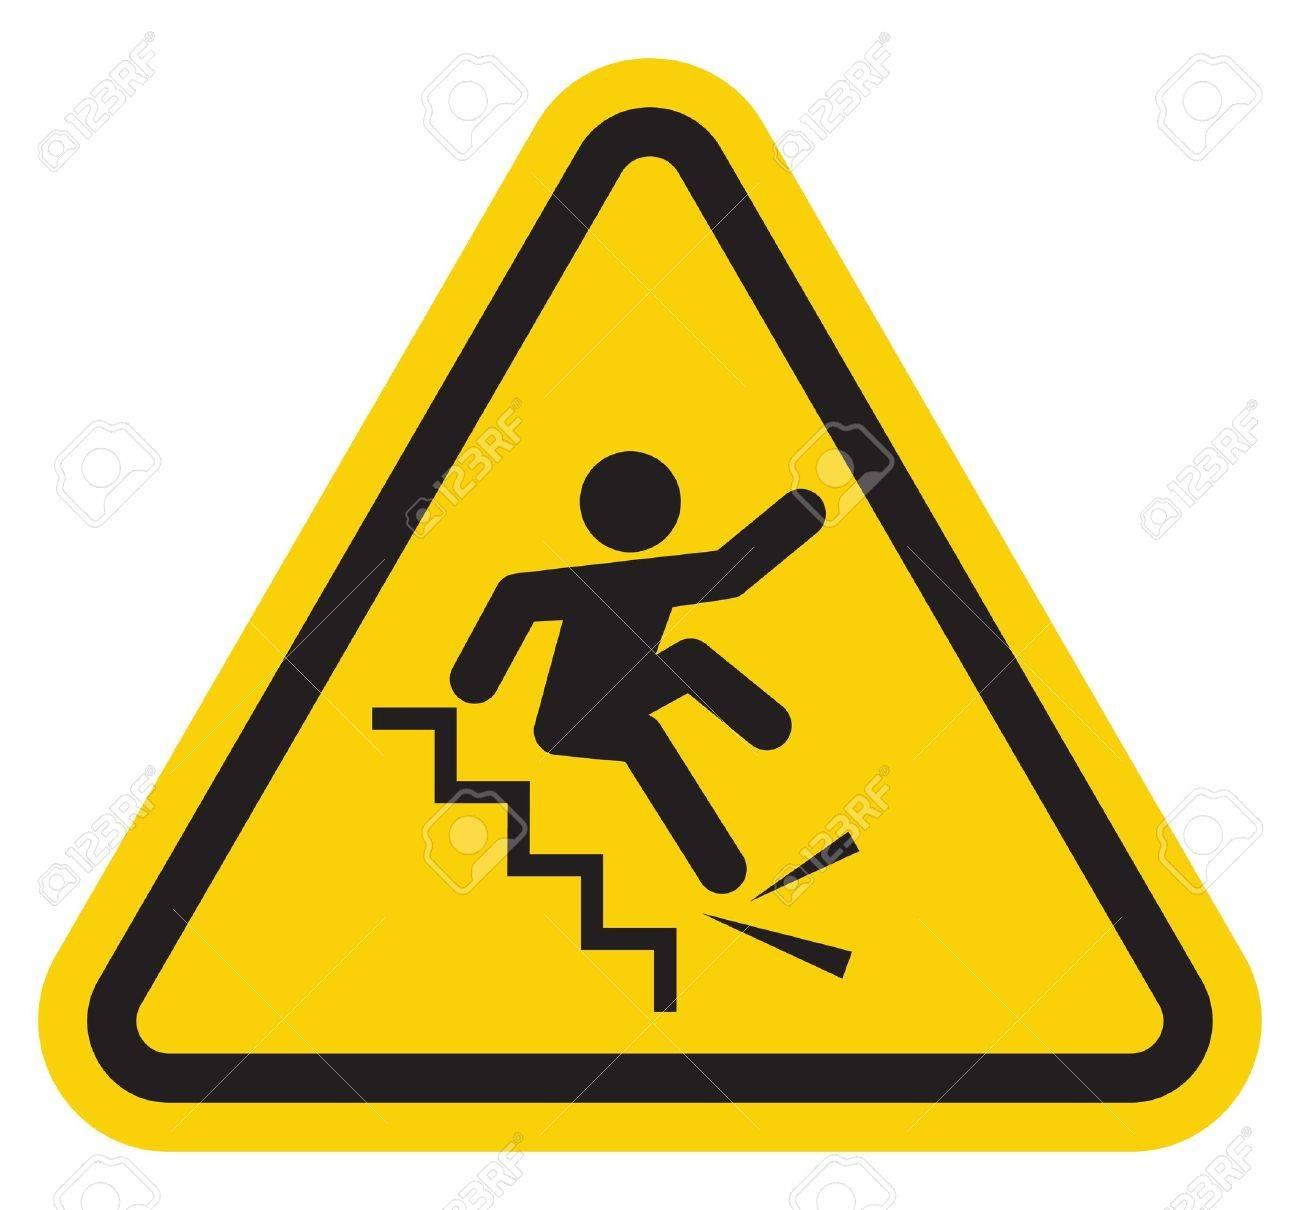 Supérieur Tomber Par Terre #6: Tomber Par Terre: Avertissement Tomber Le Signe Escaliers